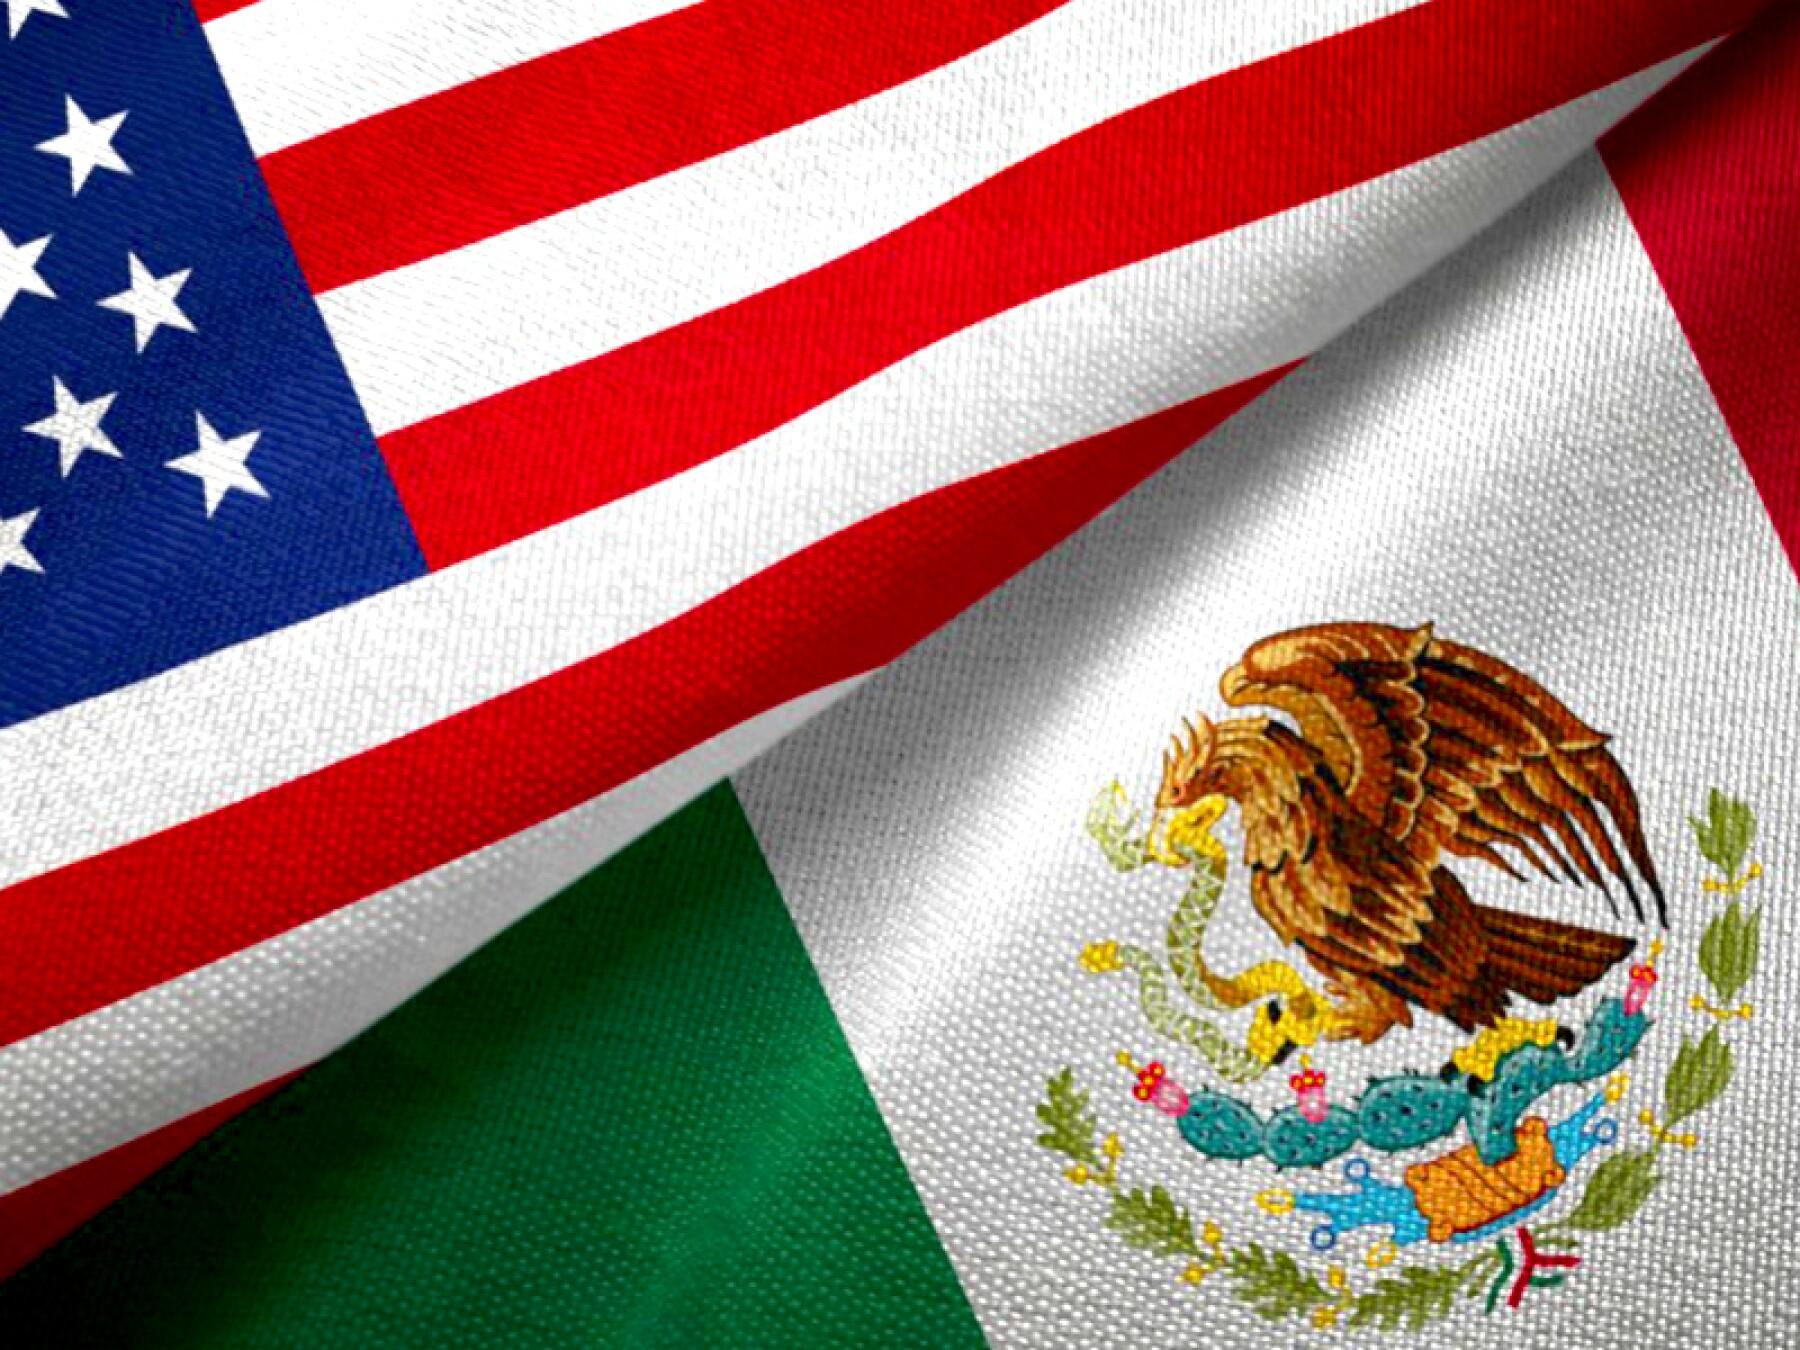 En verdad México puede sustituir a EU con China en comercio exterior?